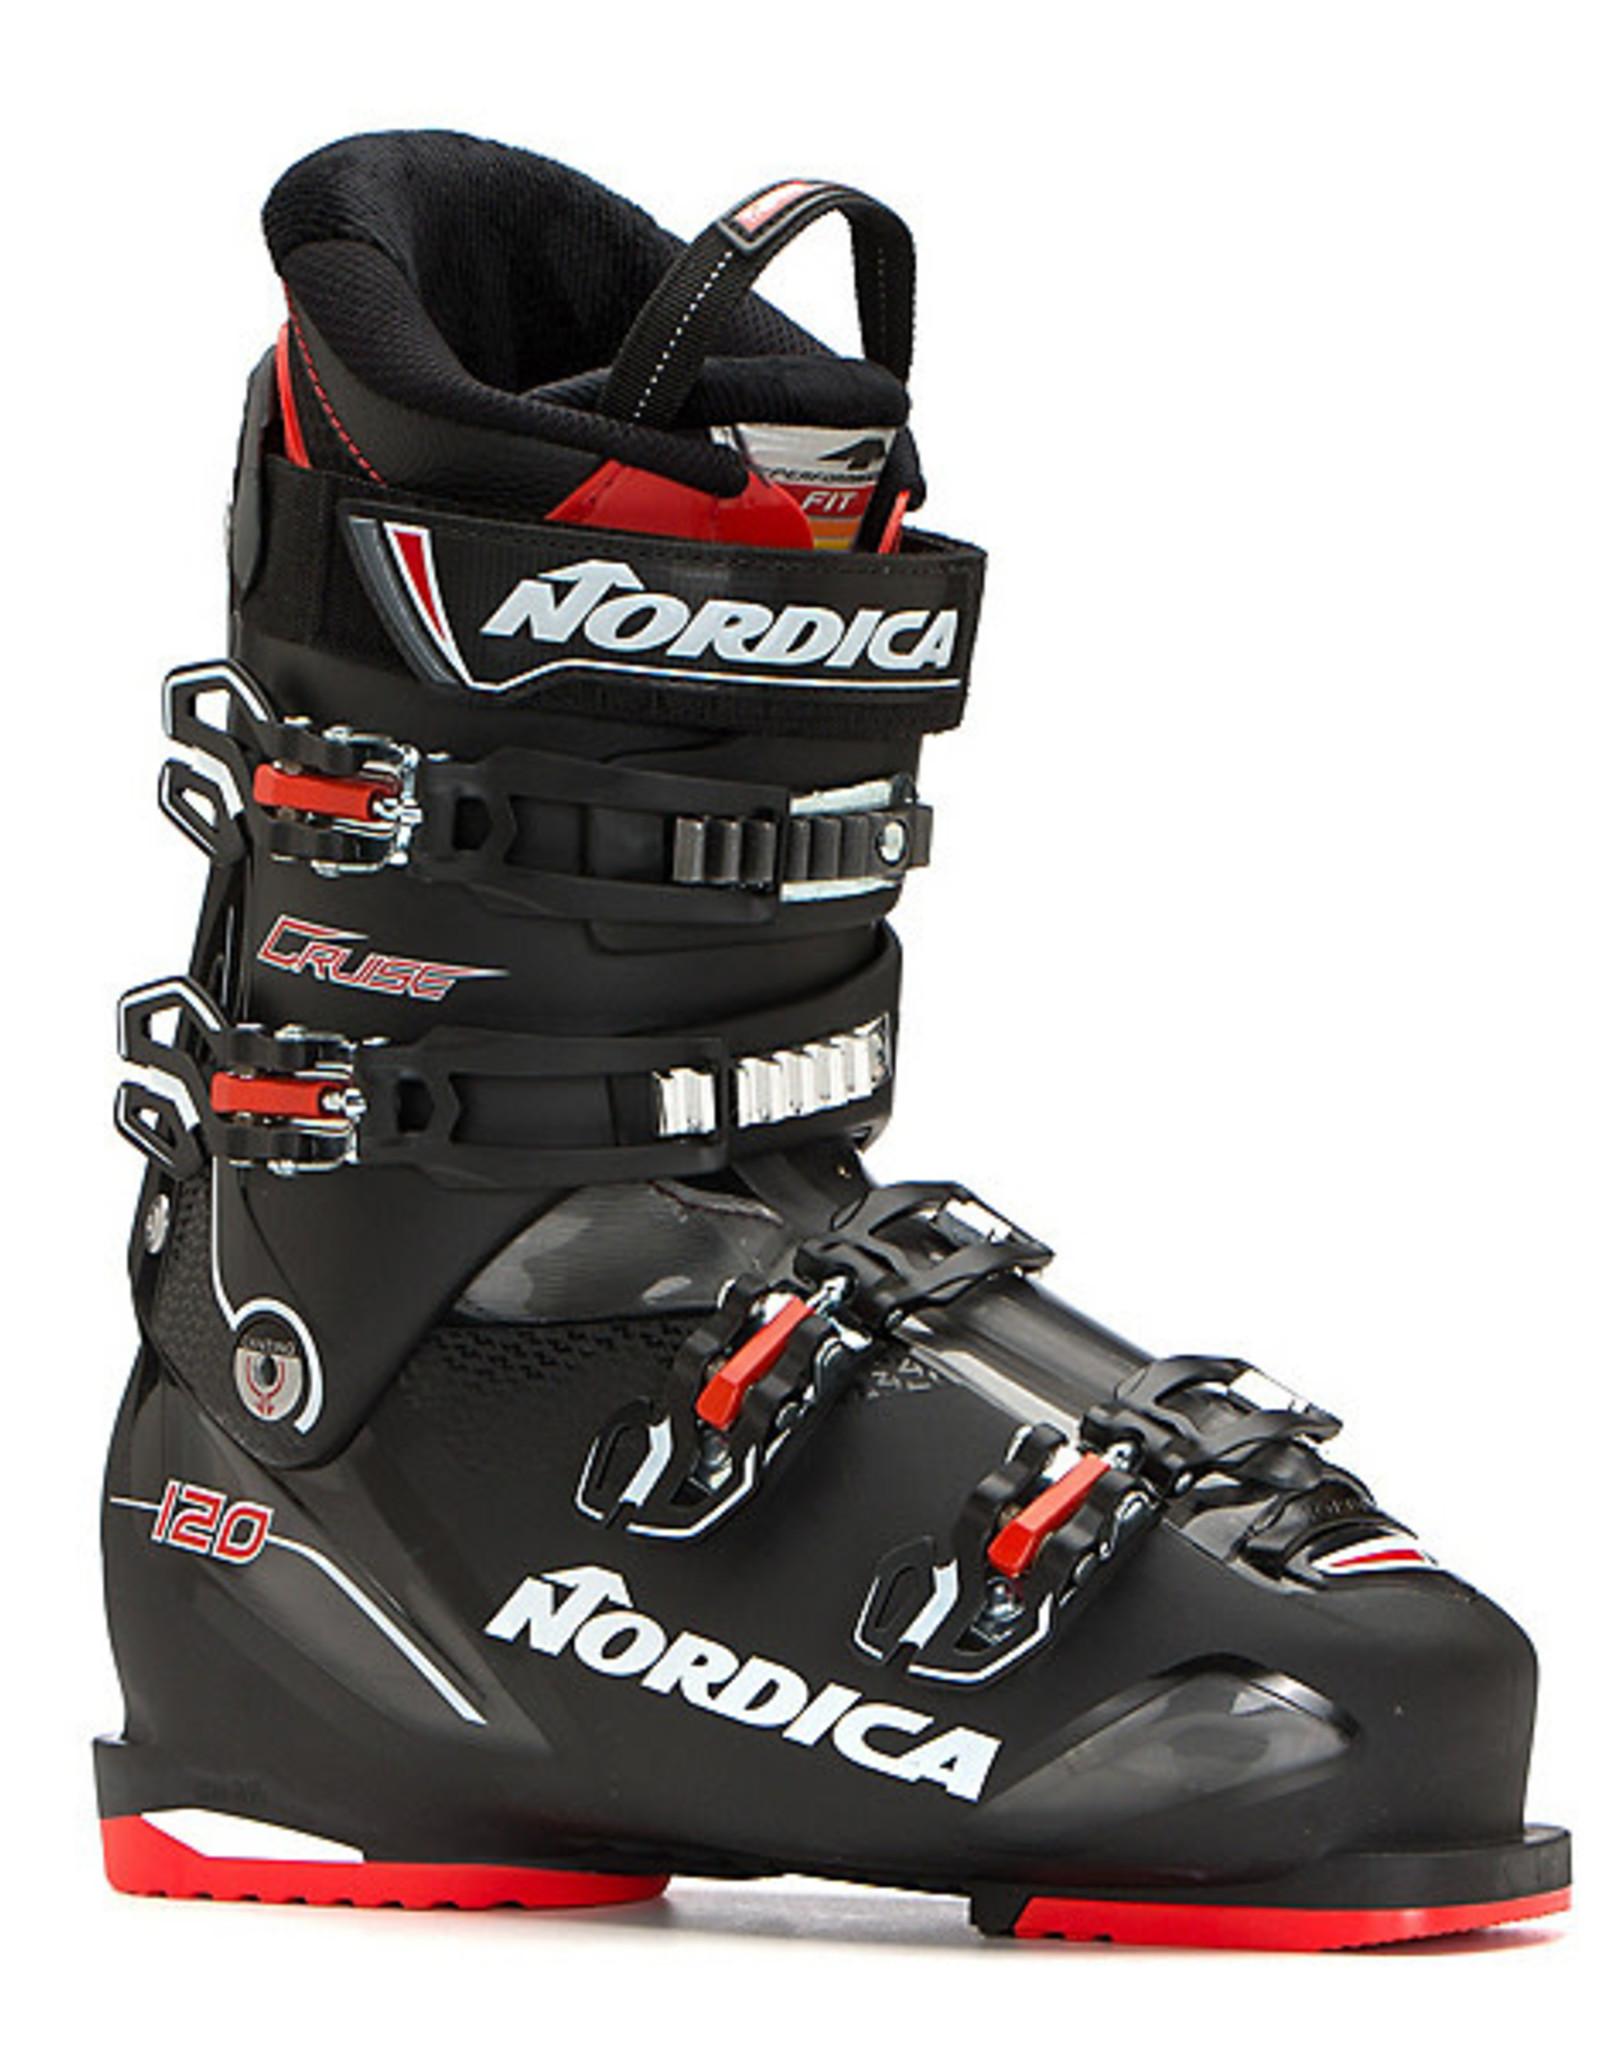 NORDICA NORDICA Ski Boots CRUISE 120 (18/19)